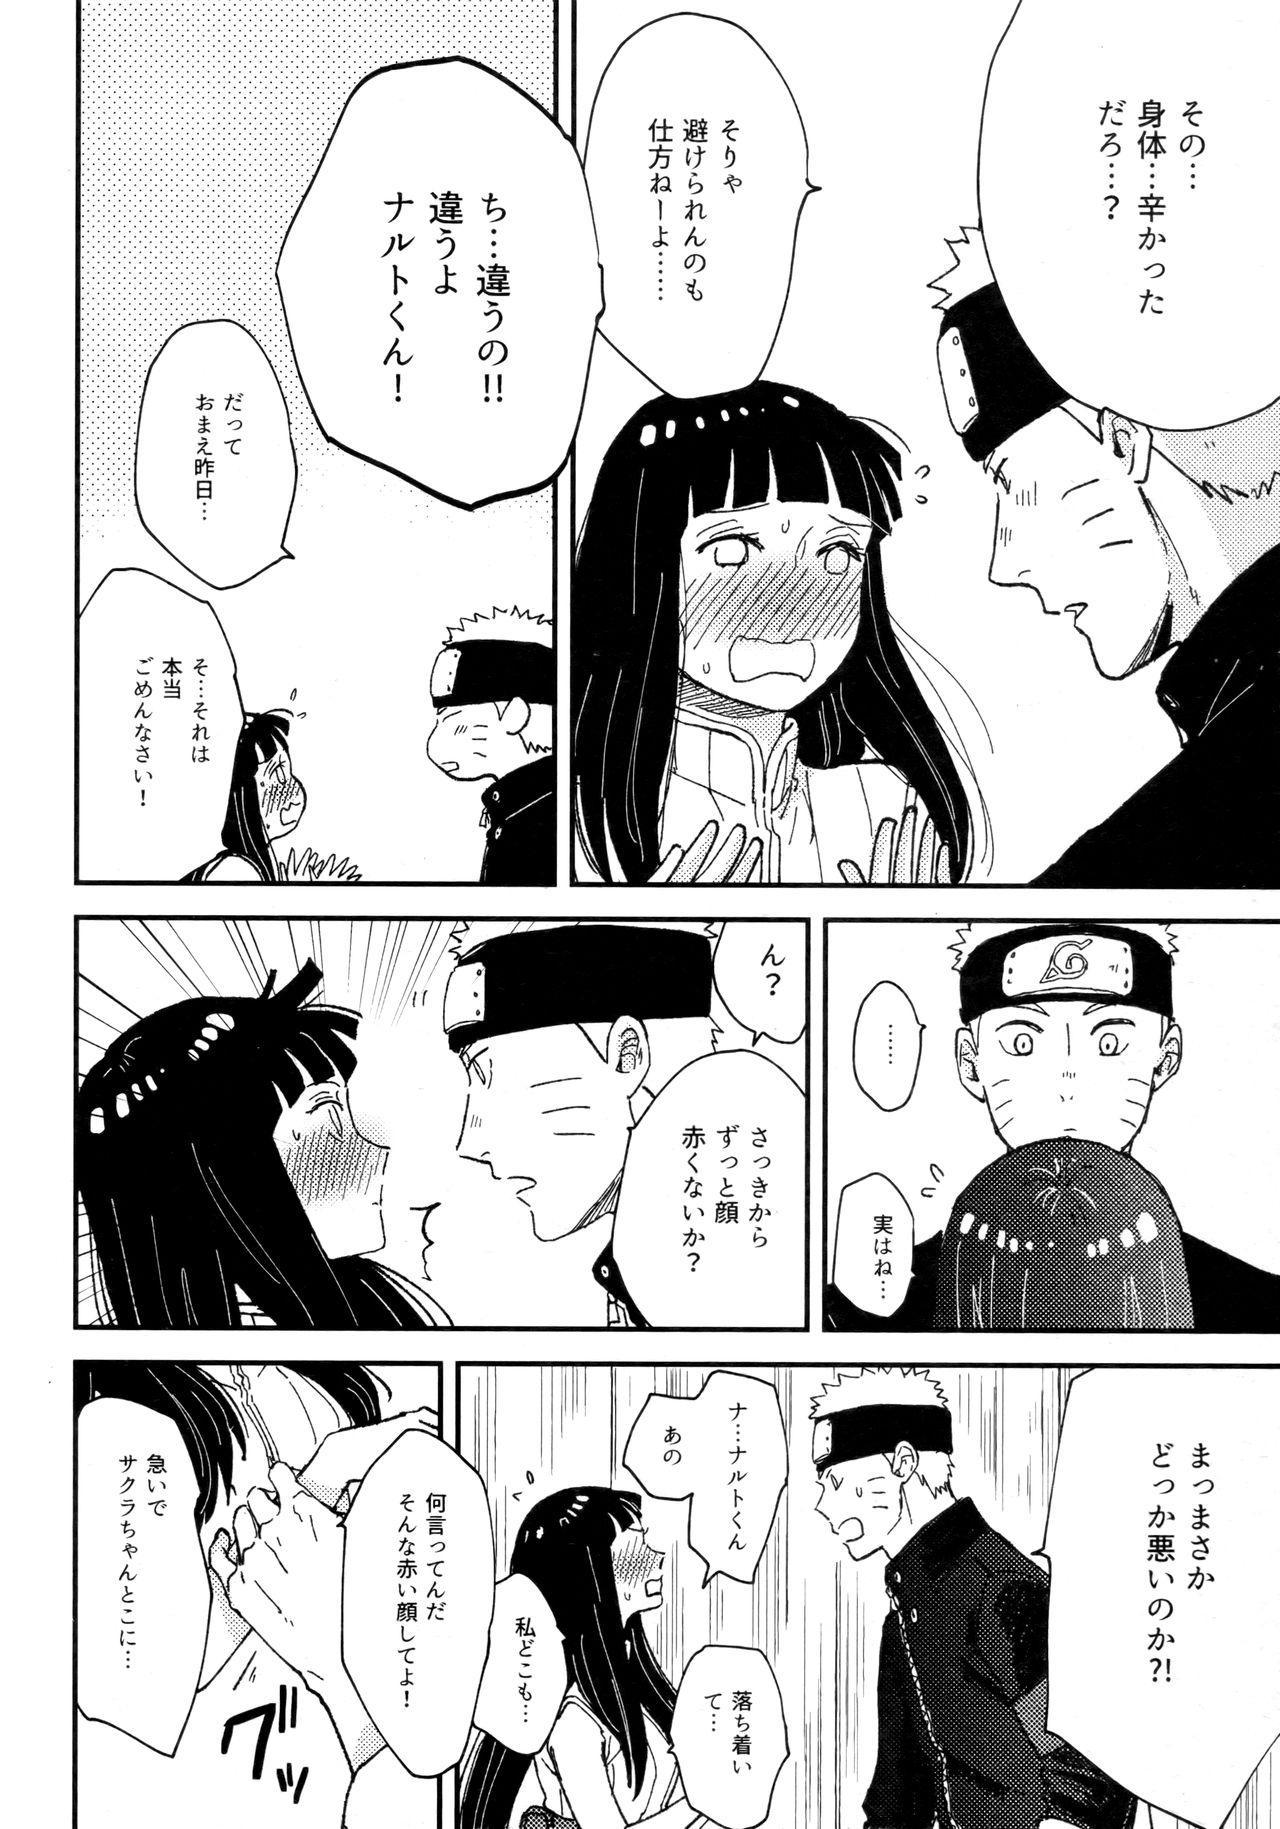 Koiwo Shiteiru Karada 3 10